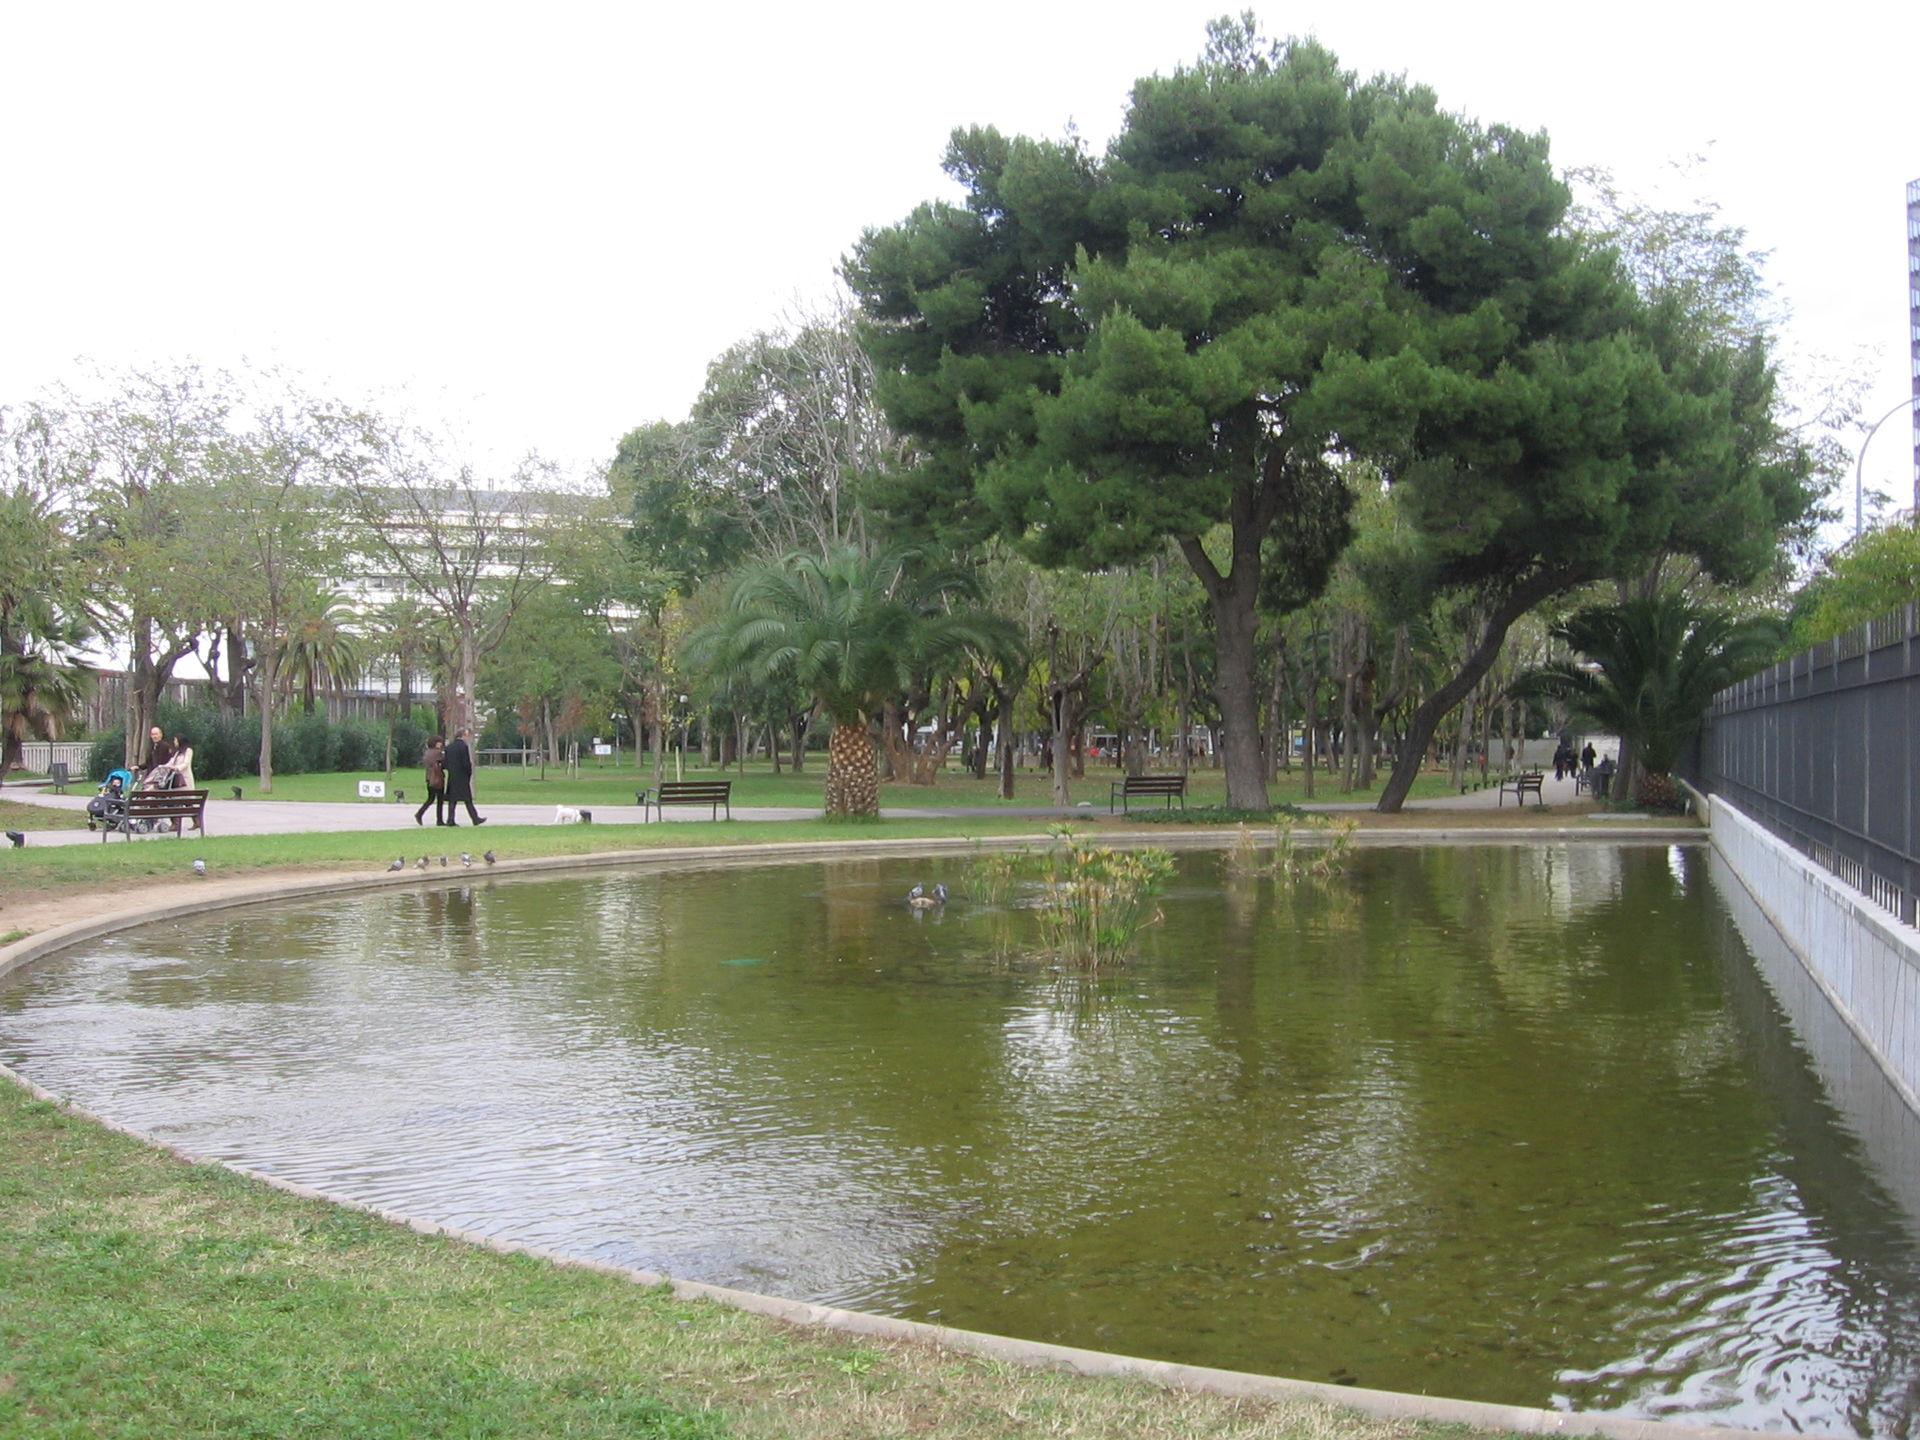 Jardines de piscinas y deportes wikipedia la for Jardines con piscina